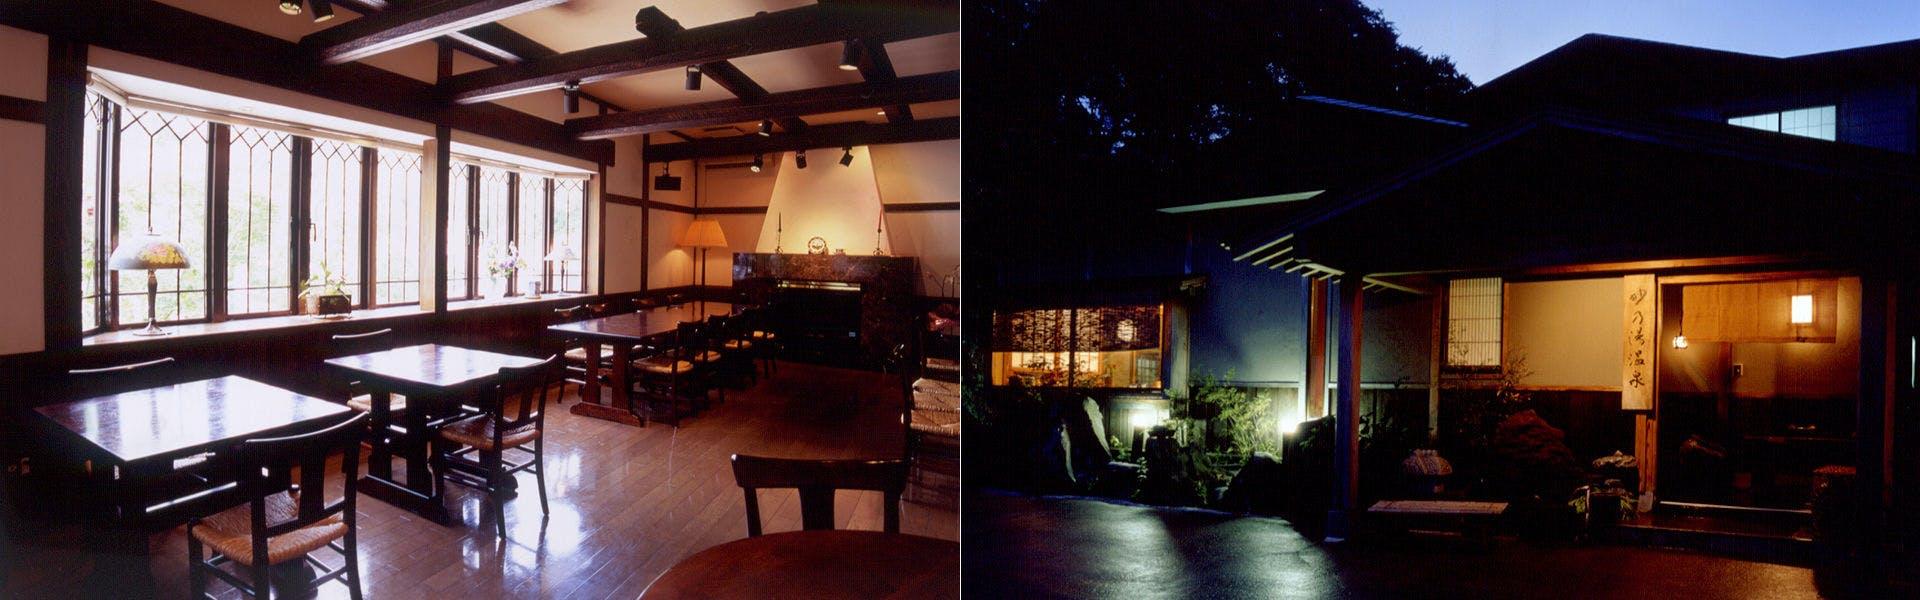 記念日におすすめのホテル・【乳頭温泉郷 妙乃湯】 の空室状況を確認するの写真2